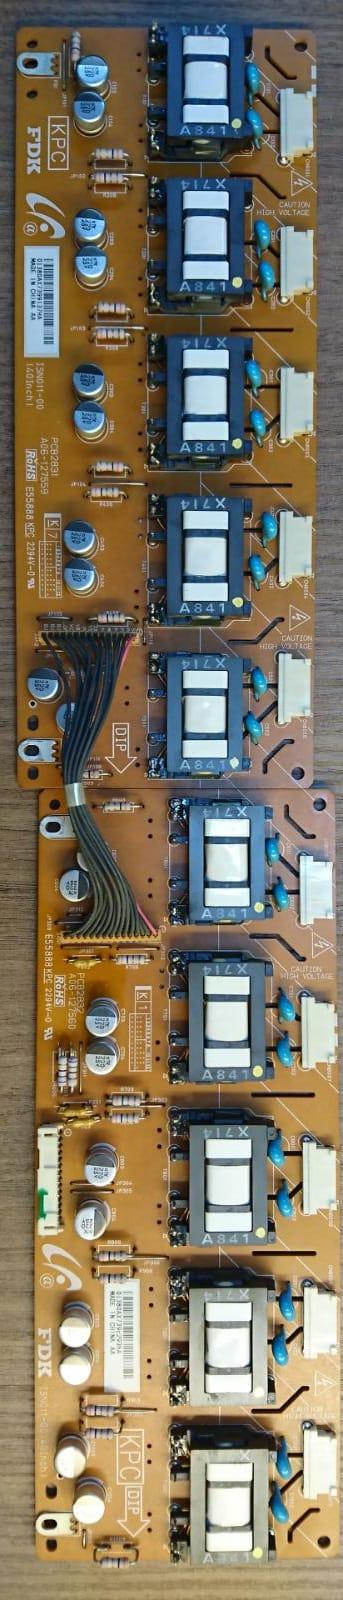 PCB2831